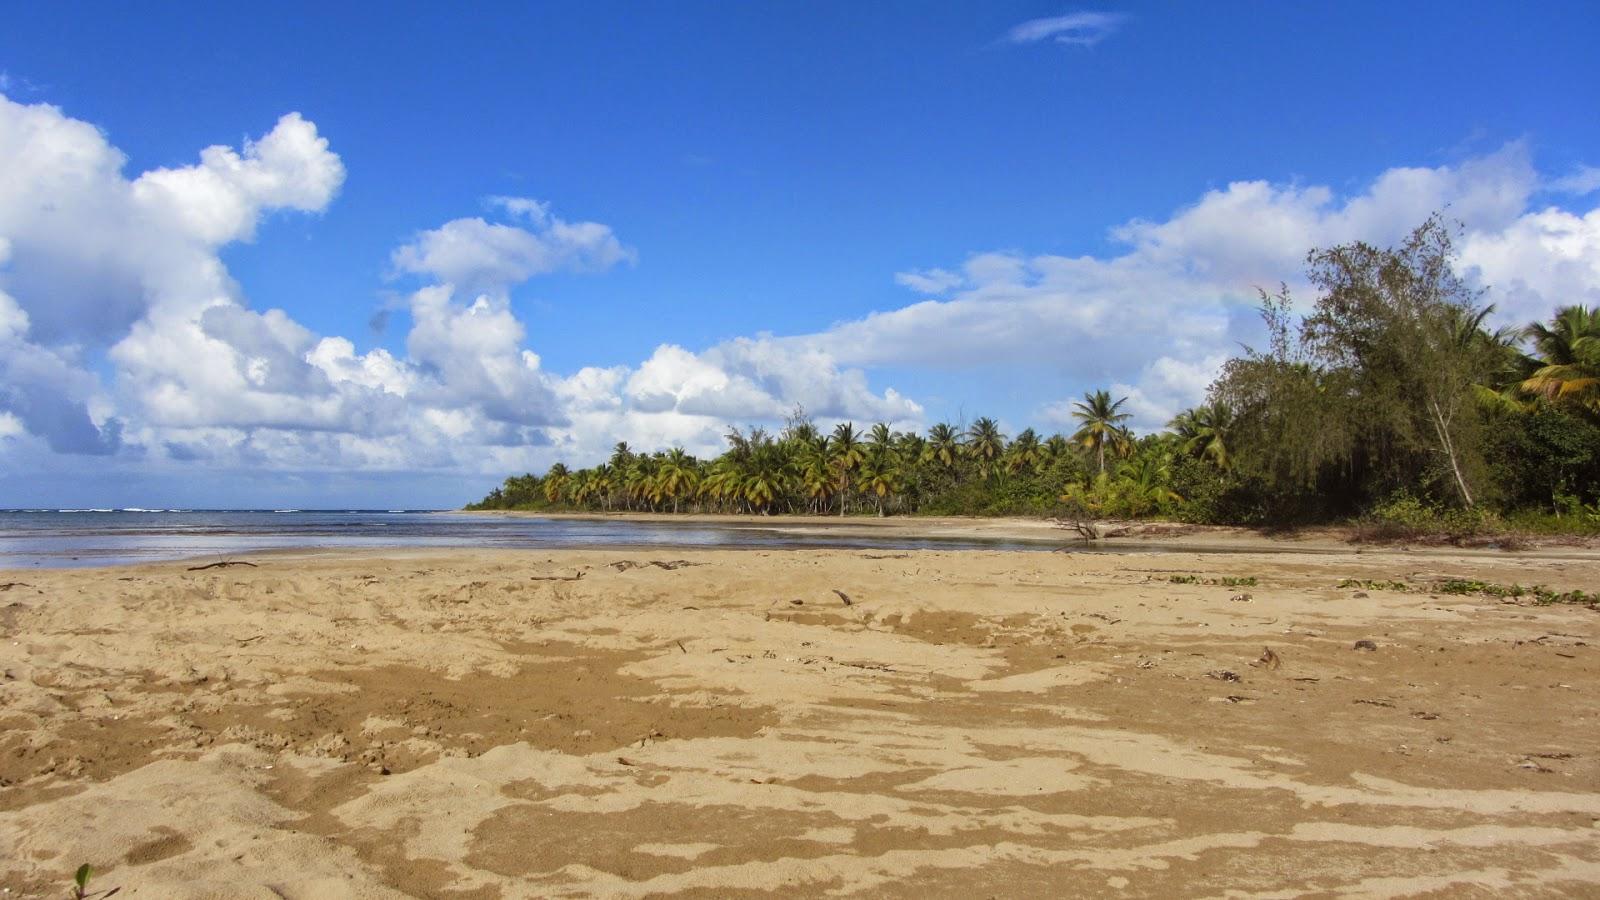 Playa Estillero Las Terrenas